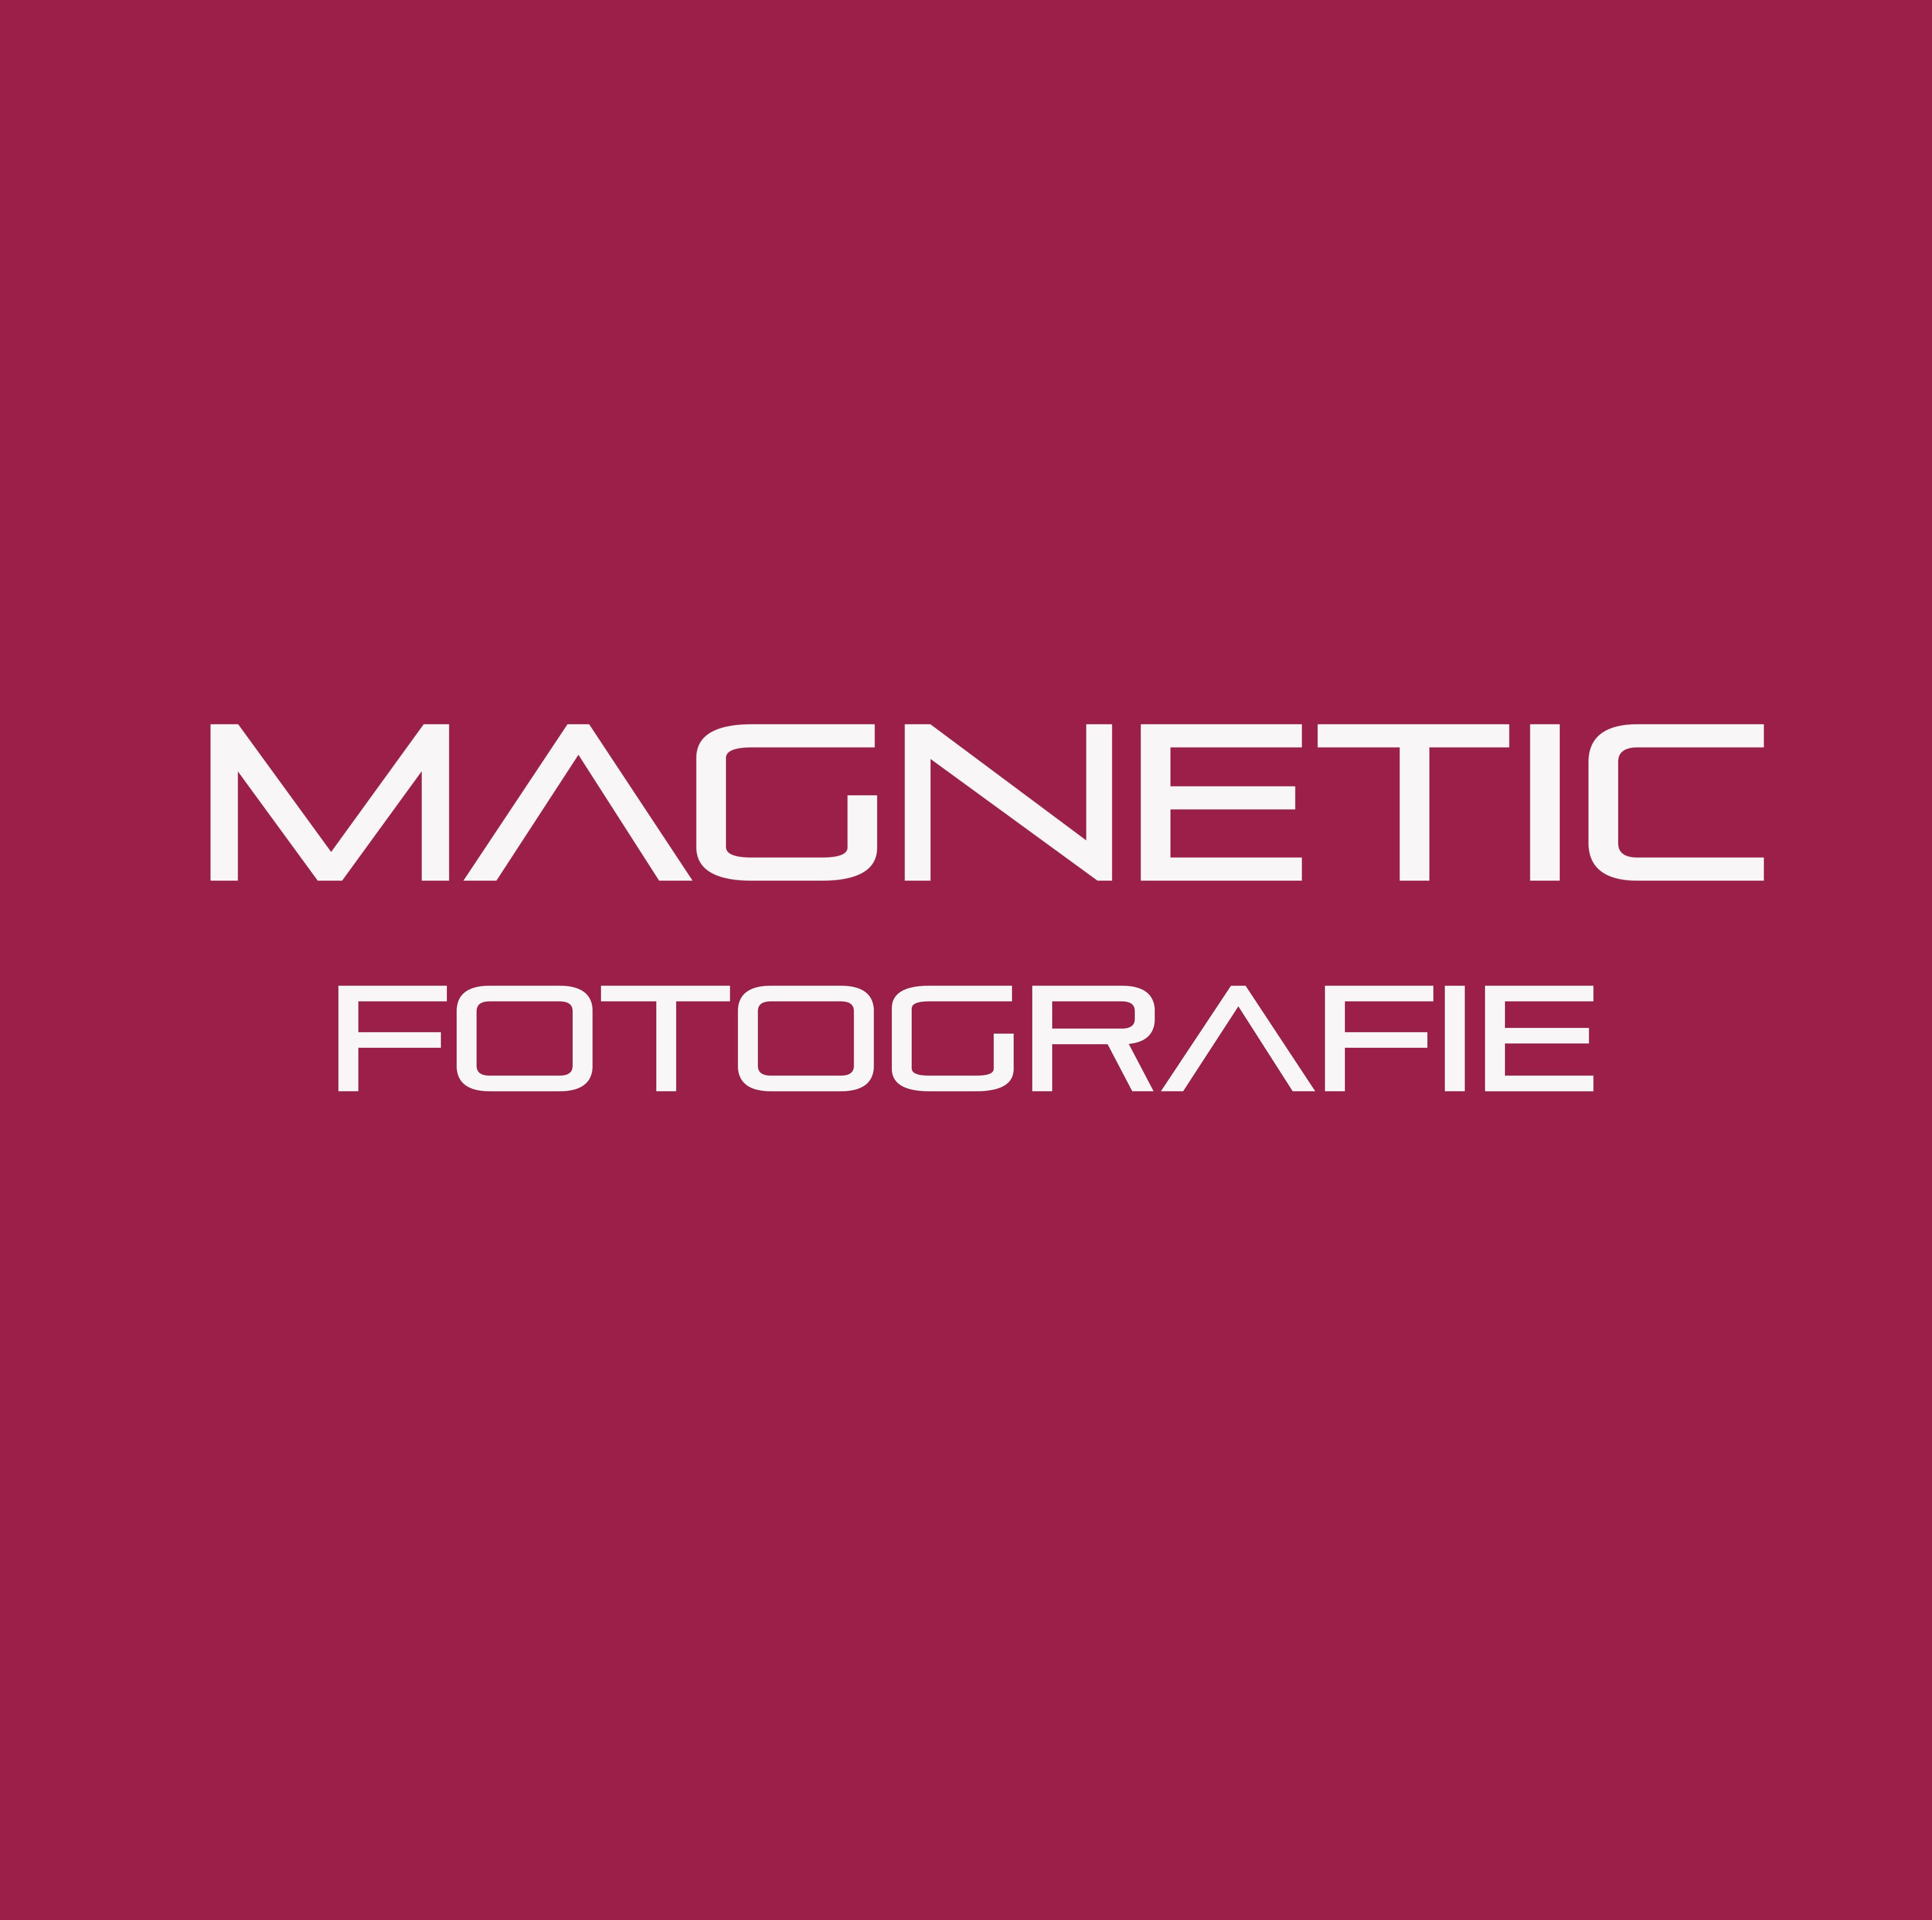 Fotografie | Vrouwenportretten | Zakelijke Portretten | Doetinchem